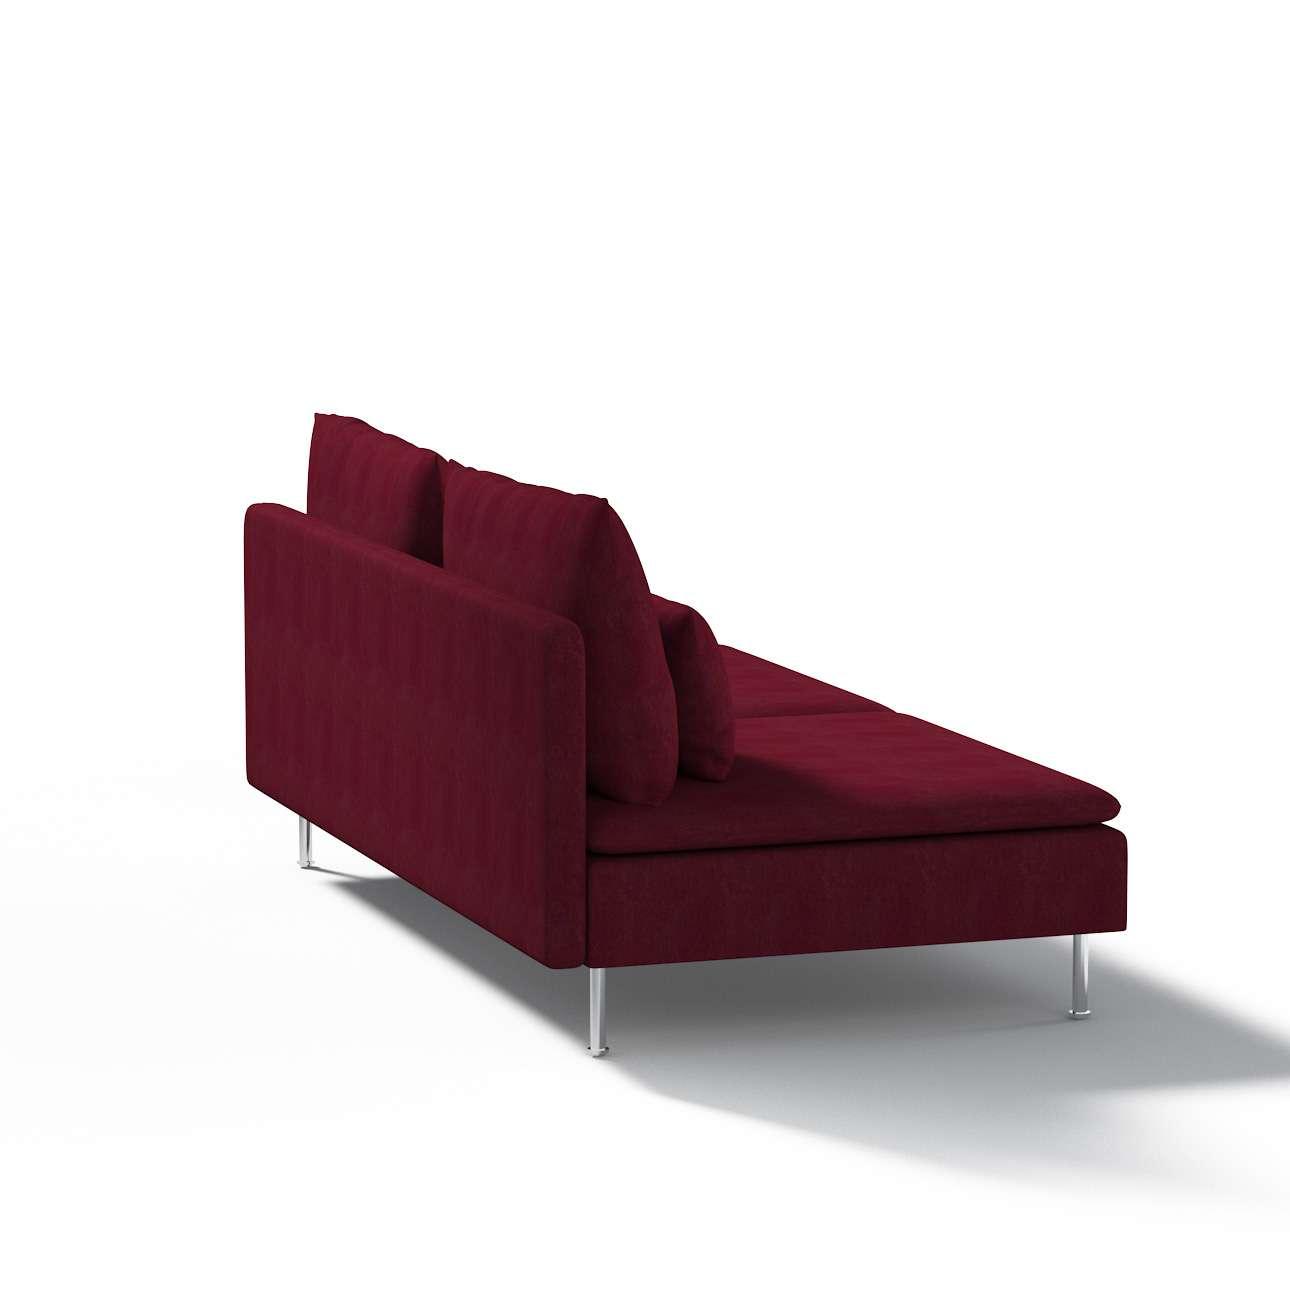 Ikea Söderhamn trivietei sofai užvalkalas Ikea Söderhamn moduliniai trivietei sofai užvalkalas kolekcijoje Chenille, audinys: 702-19